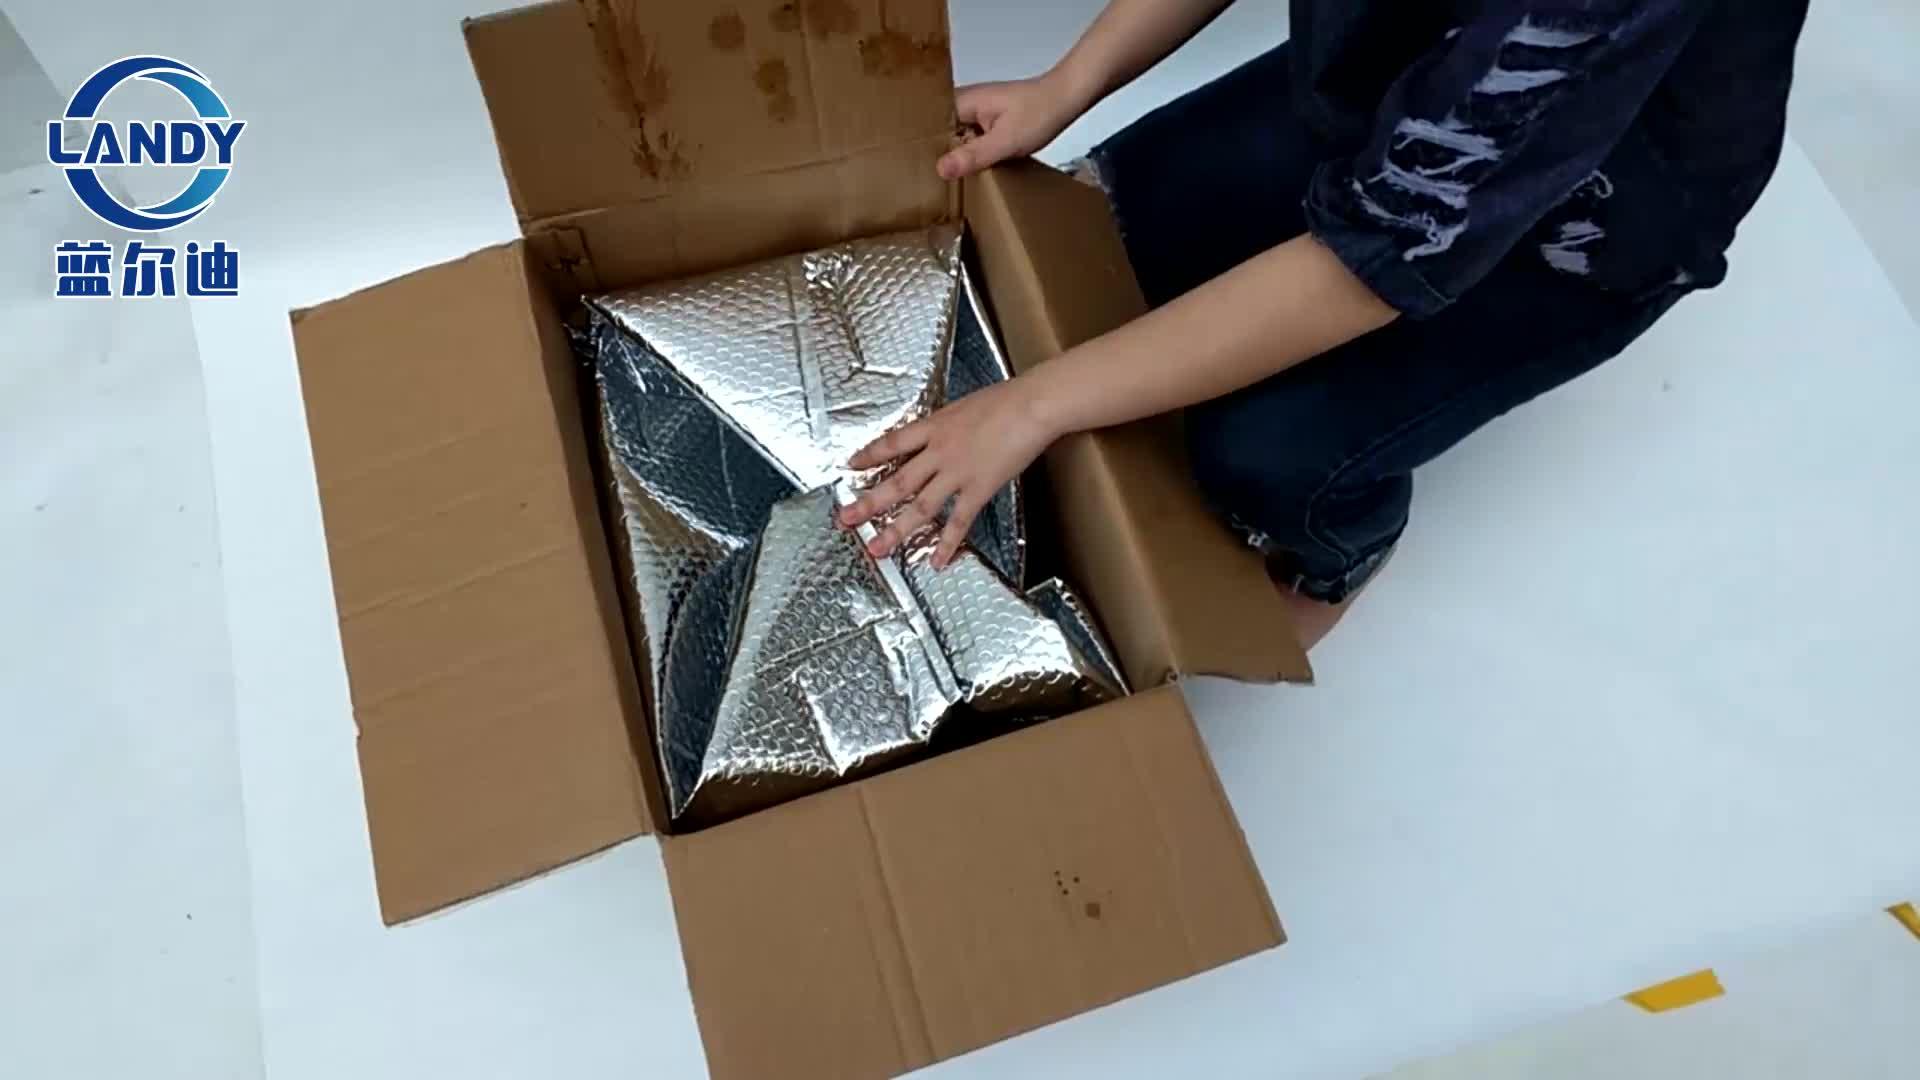 11x85x55 usa e getta foil backed isolamento del dispositivo di raffreddamento alluminato stagnola isolata box fodere per il freddo